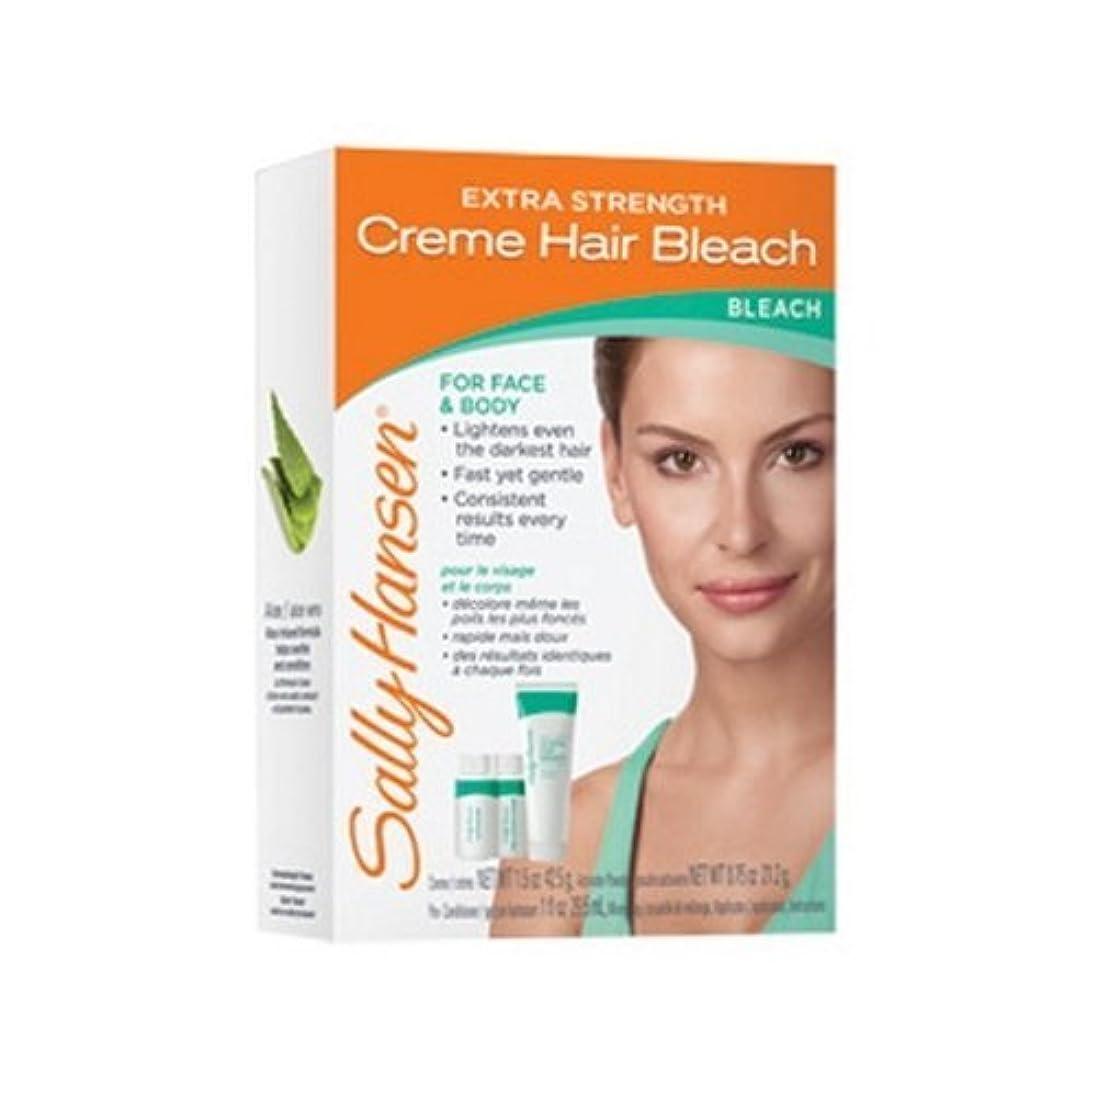 ハイライト便利さ税金(3 Pack) SALLY HANSEN Extra Strength Creme Hair Bleach for Face & Body - SH2010 (並行輸入品)